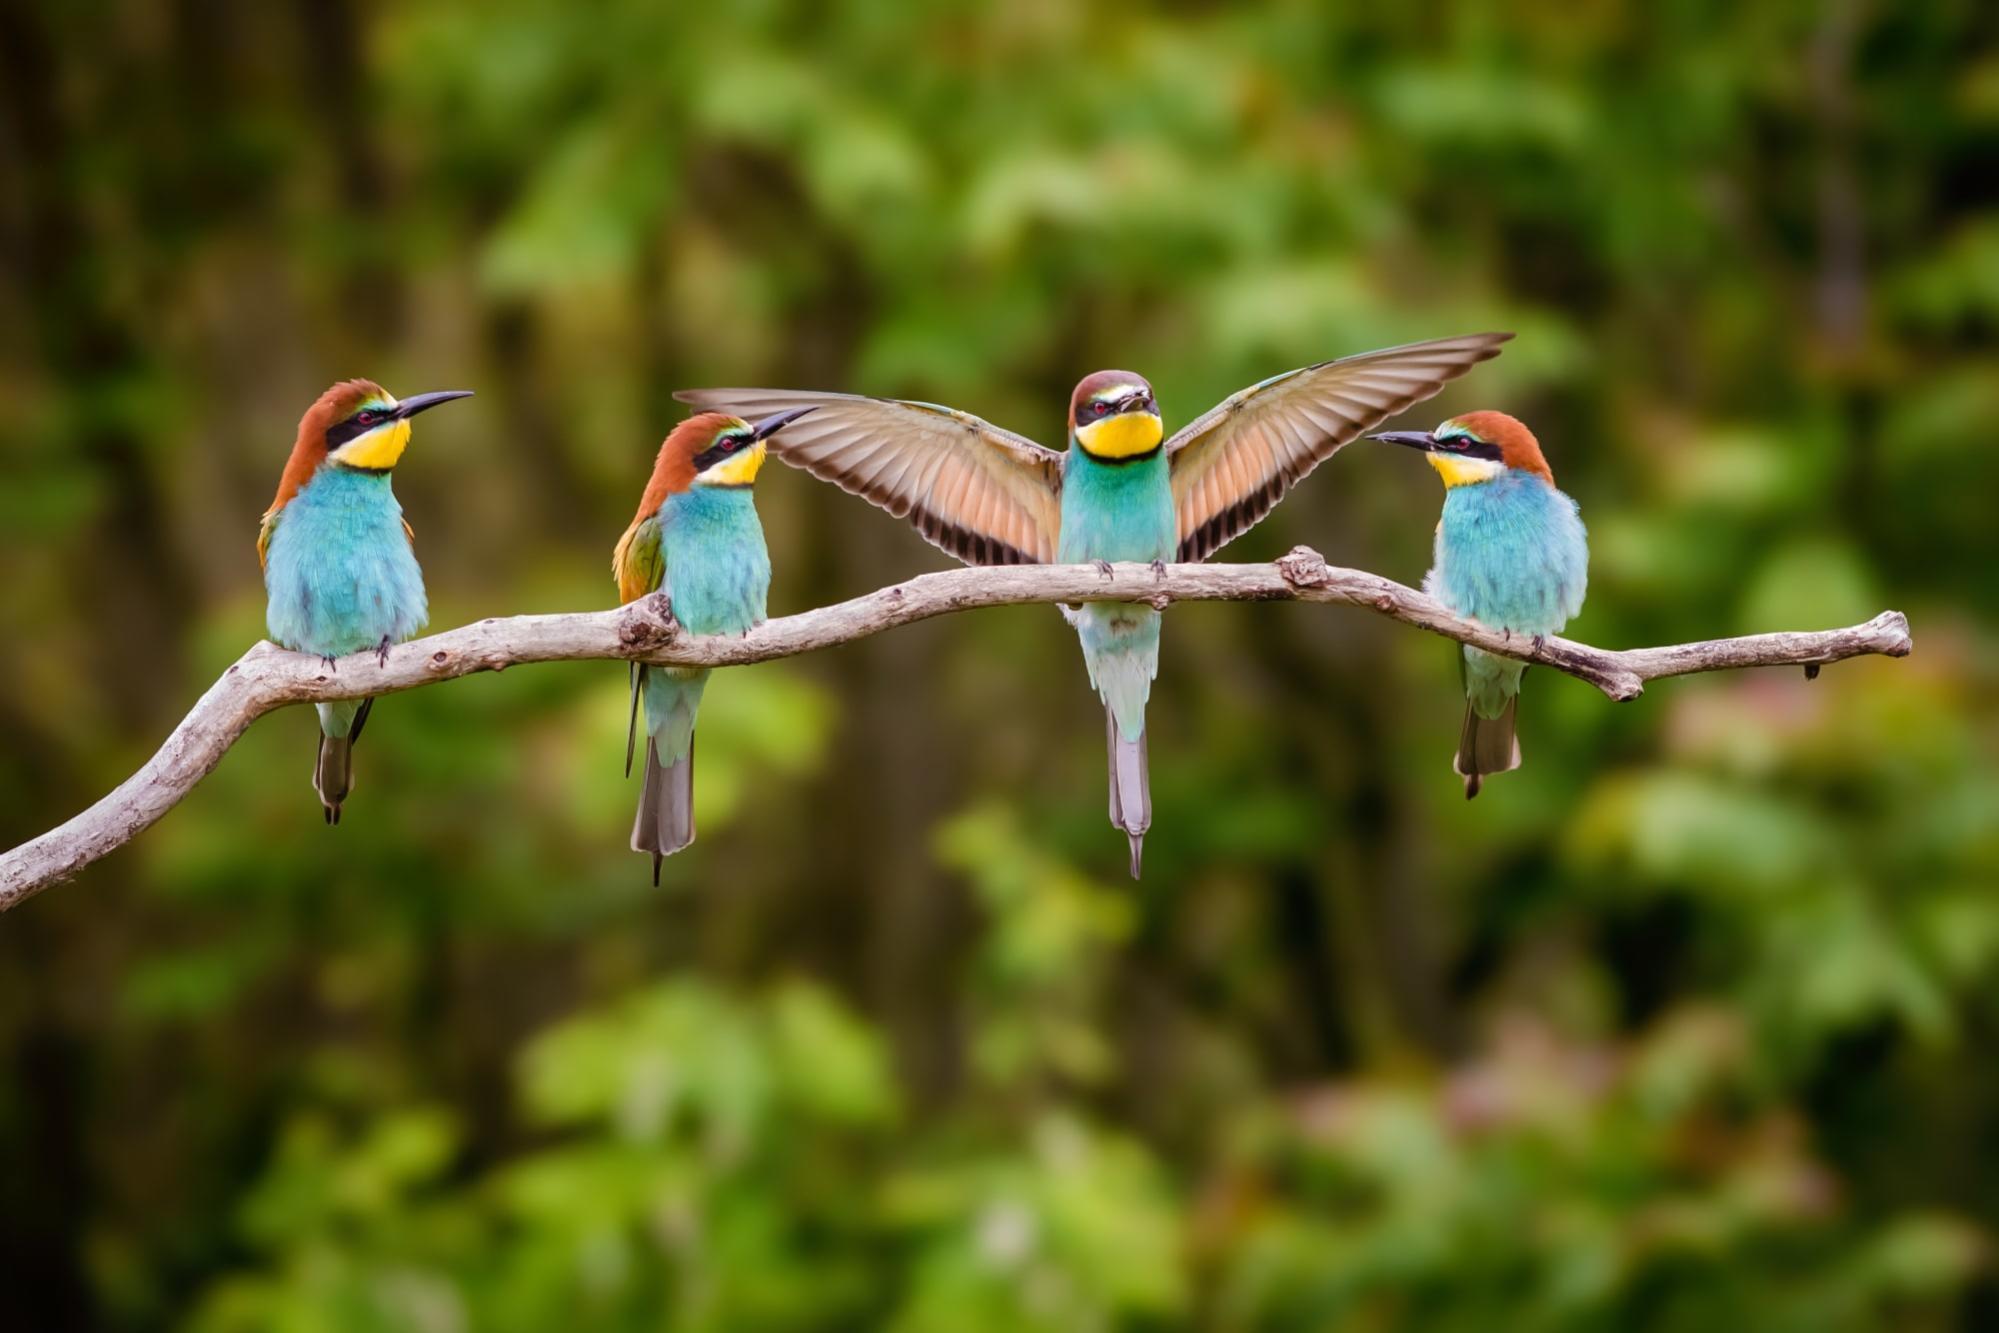 Kuş gözlemciliğine yeniden aşık olmama yardımcı olan teknoloji | Engadget